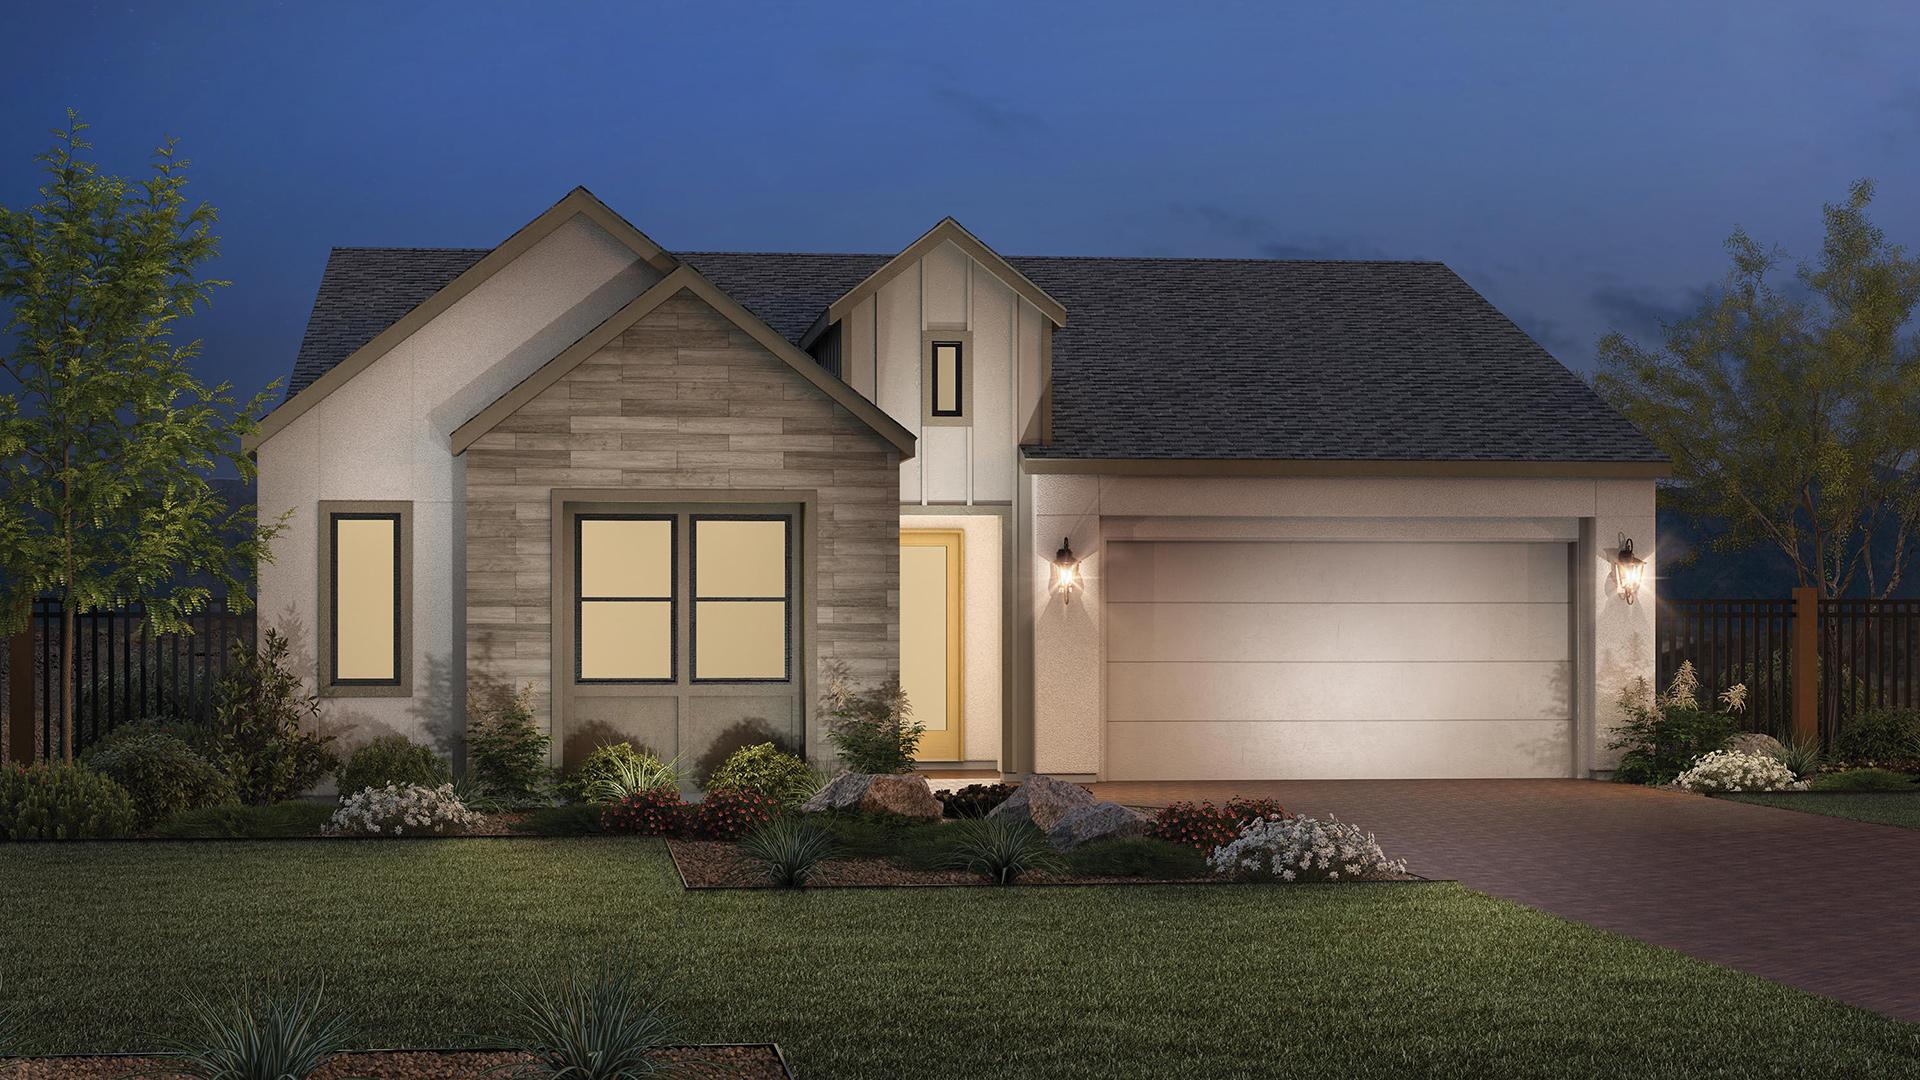 Copper View At Caramella Ranch The Addison Home Design